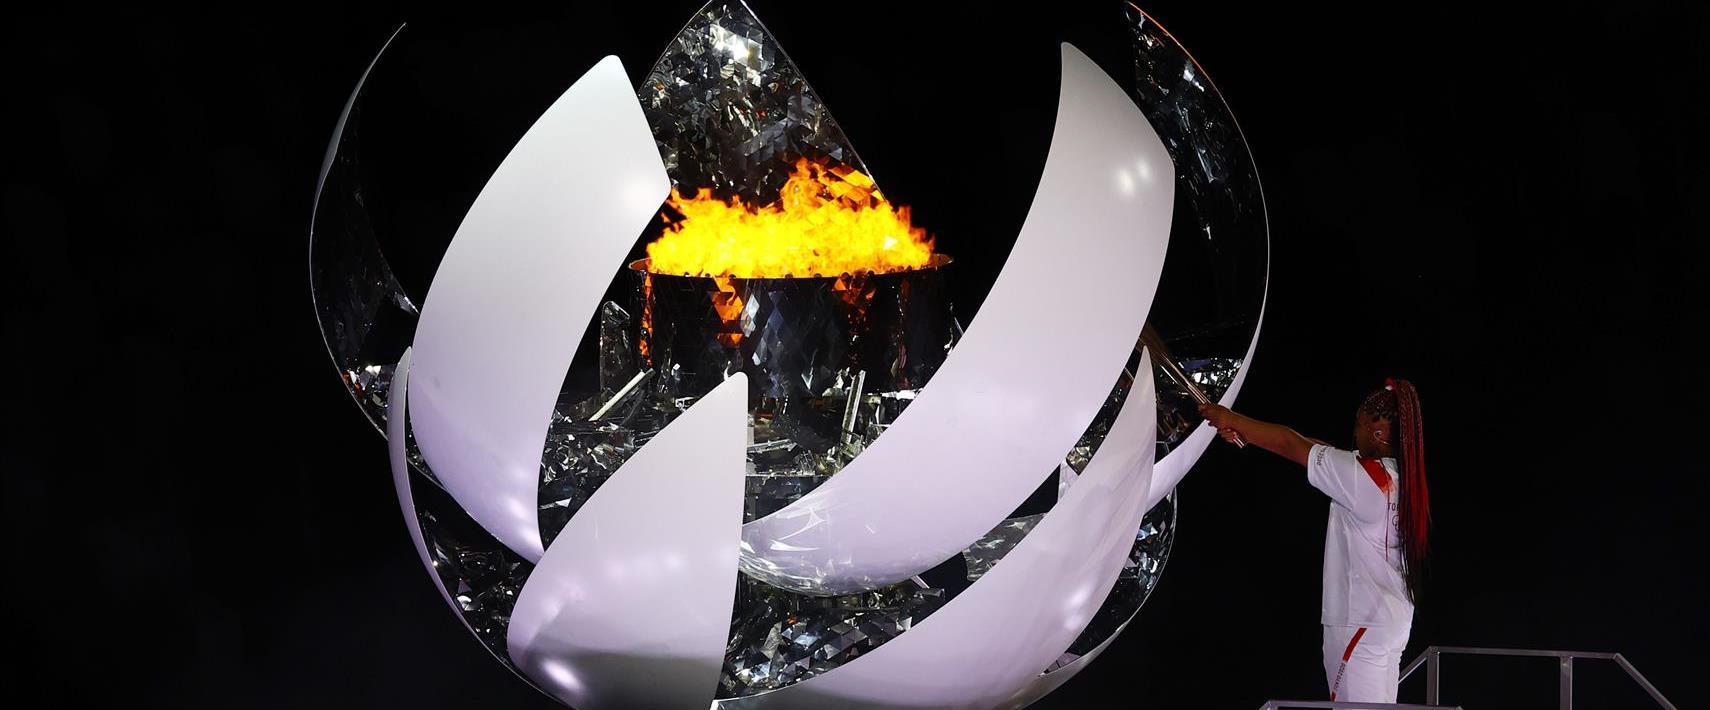 נאומי אוסקה מדליקה את הלפיד